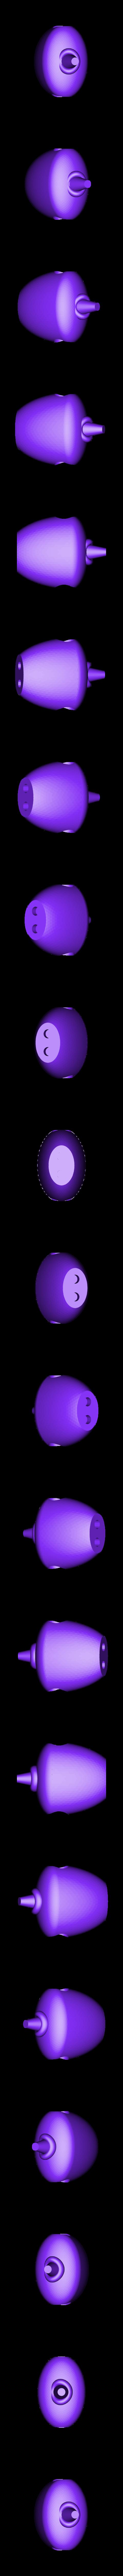 body_upper_1.stl Télécharger fichier STL gratuit Guard Rob (robot) • Objet pour imprimante 3D, NohaBody